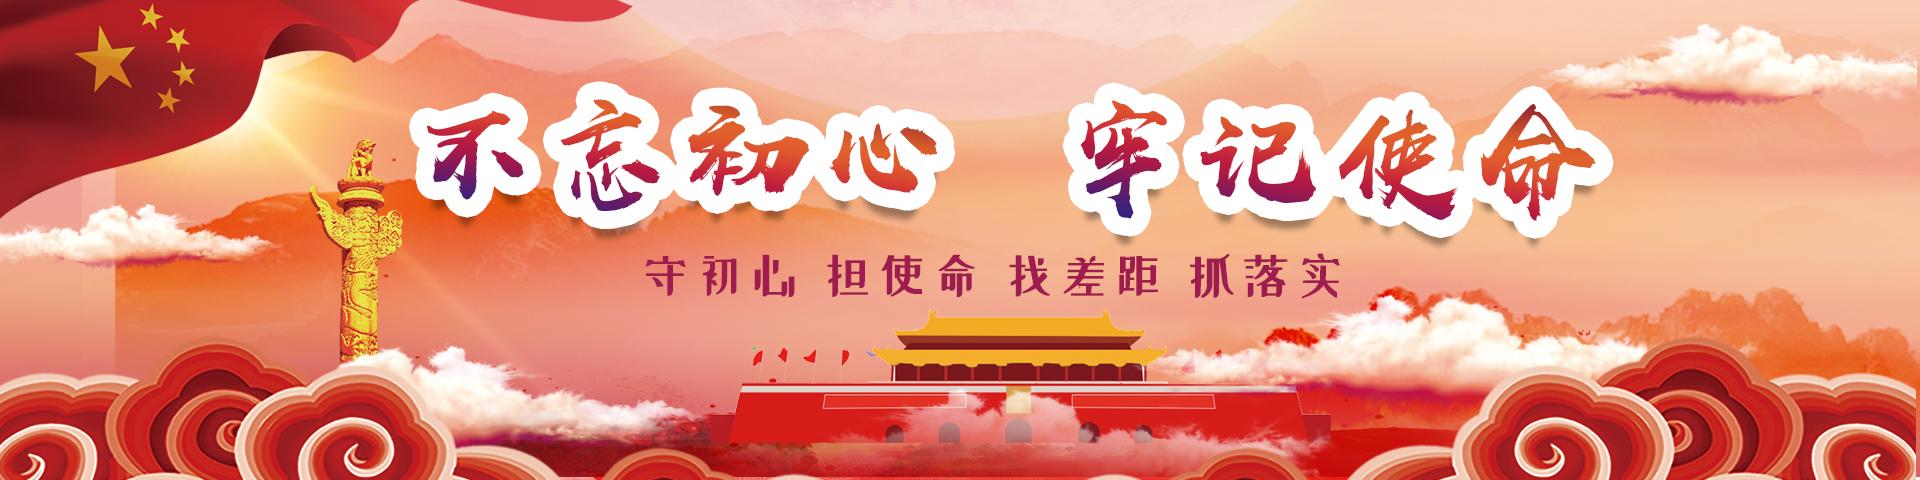 四川师范大学自考